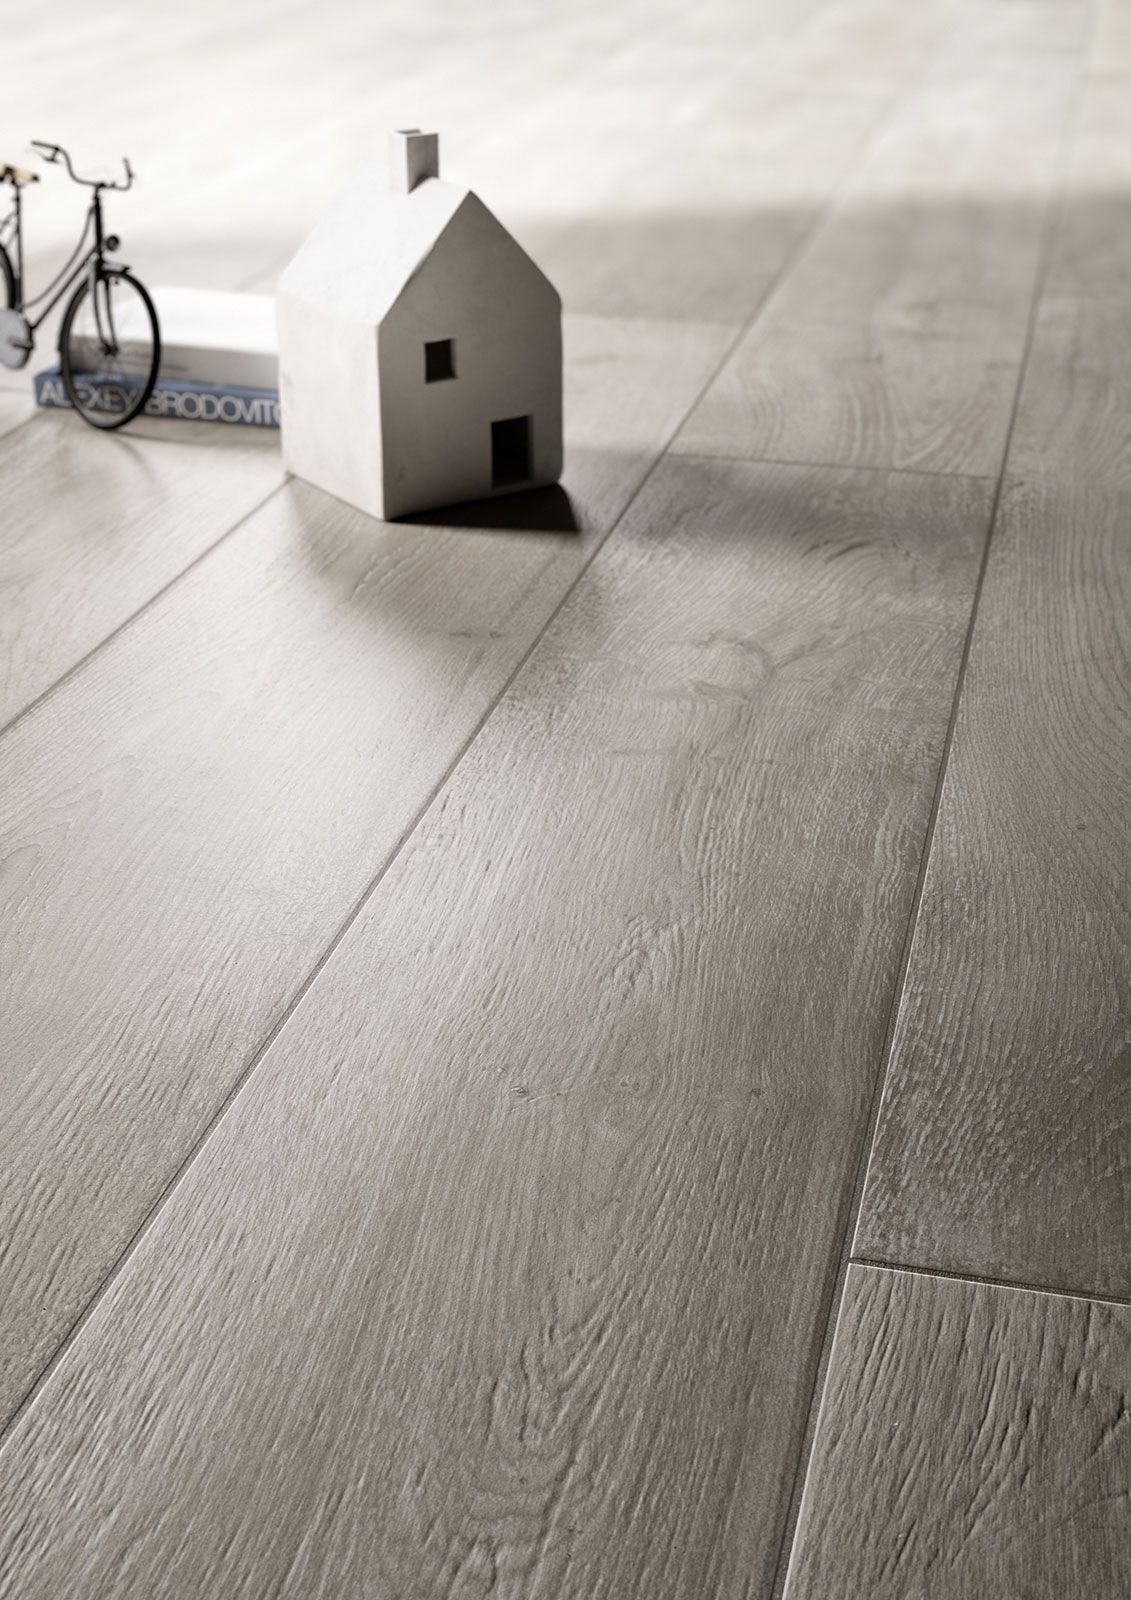 Treverktime Ceramic Tiles Marazzi6533 Floors Pinterest